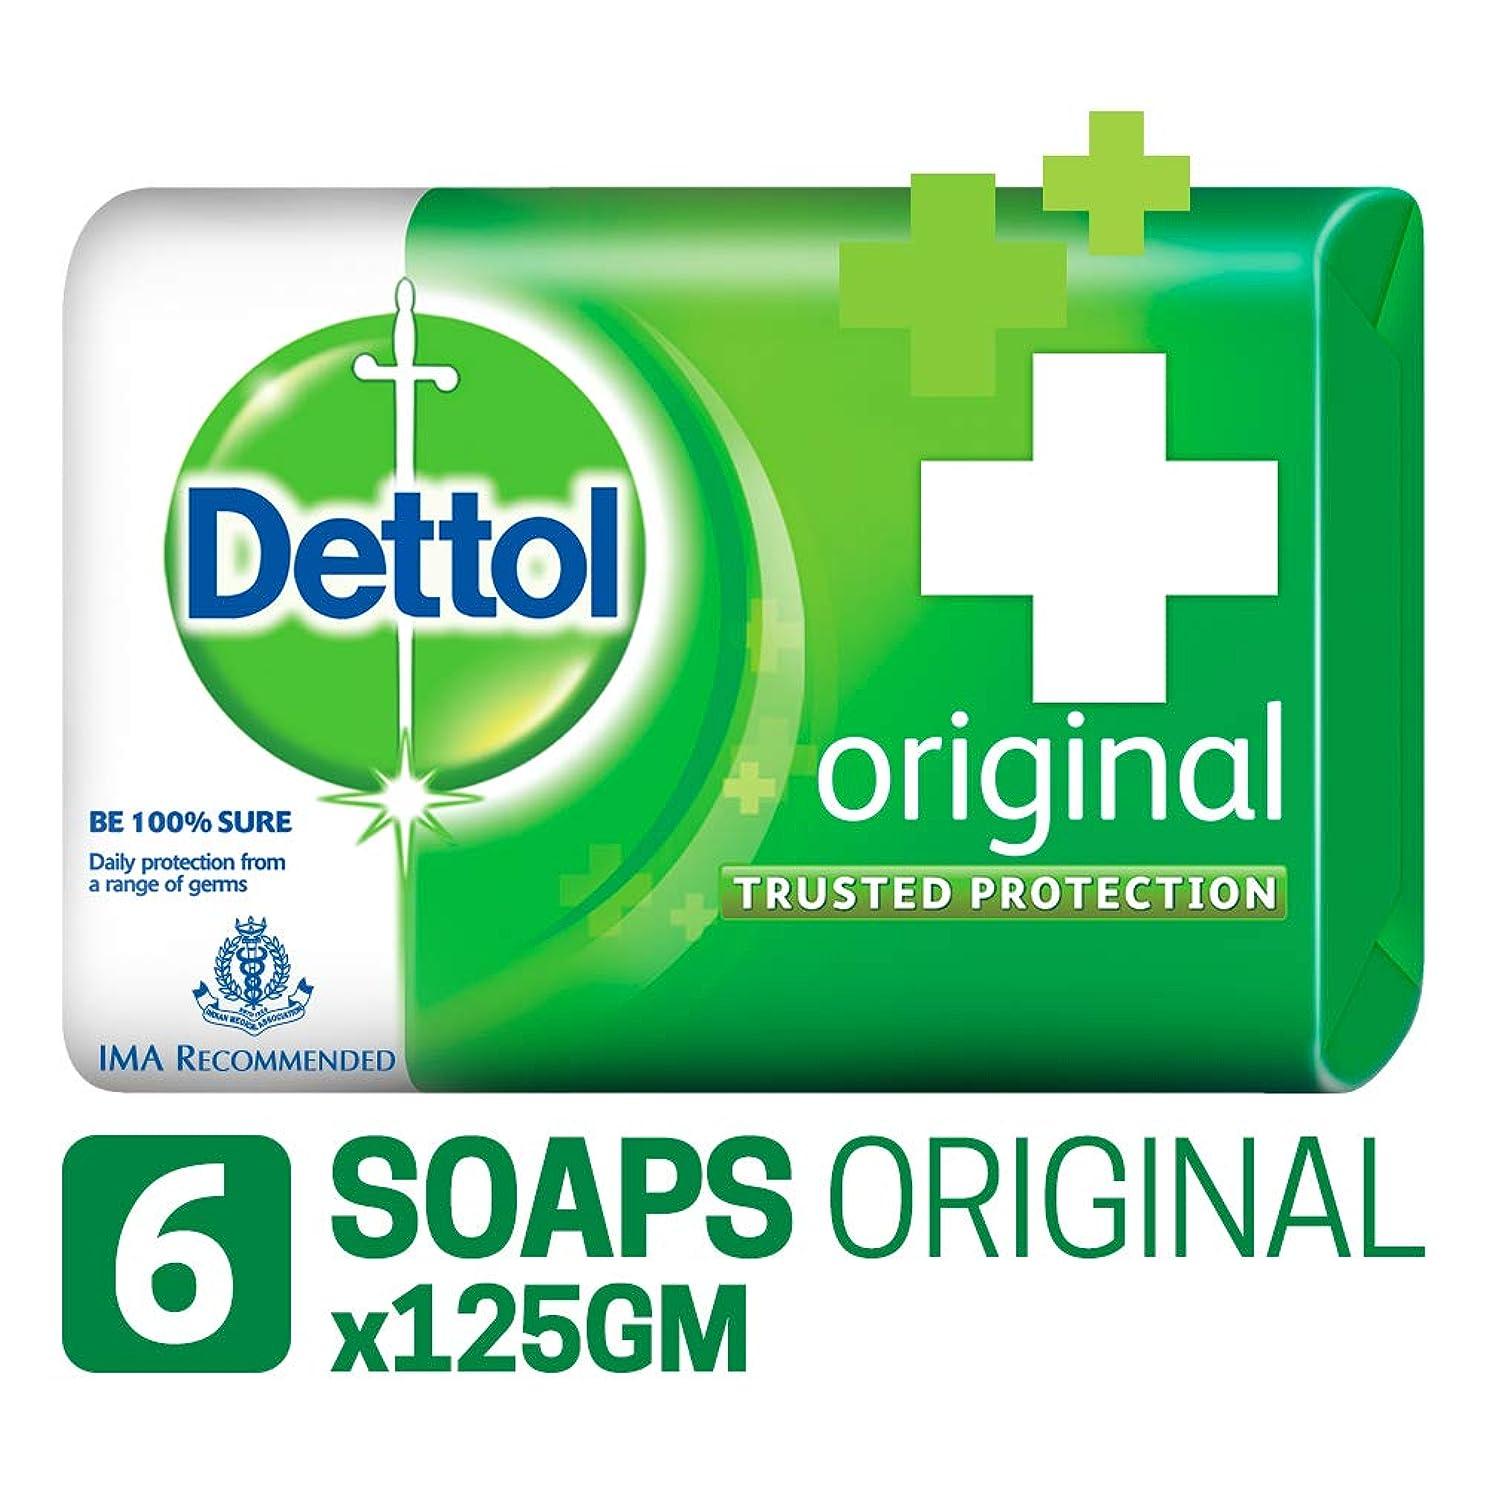 約セマフォイルDettol Original Soap, 125g (Pack Of 6) SHIP FROM INDIA